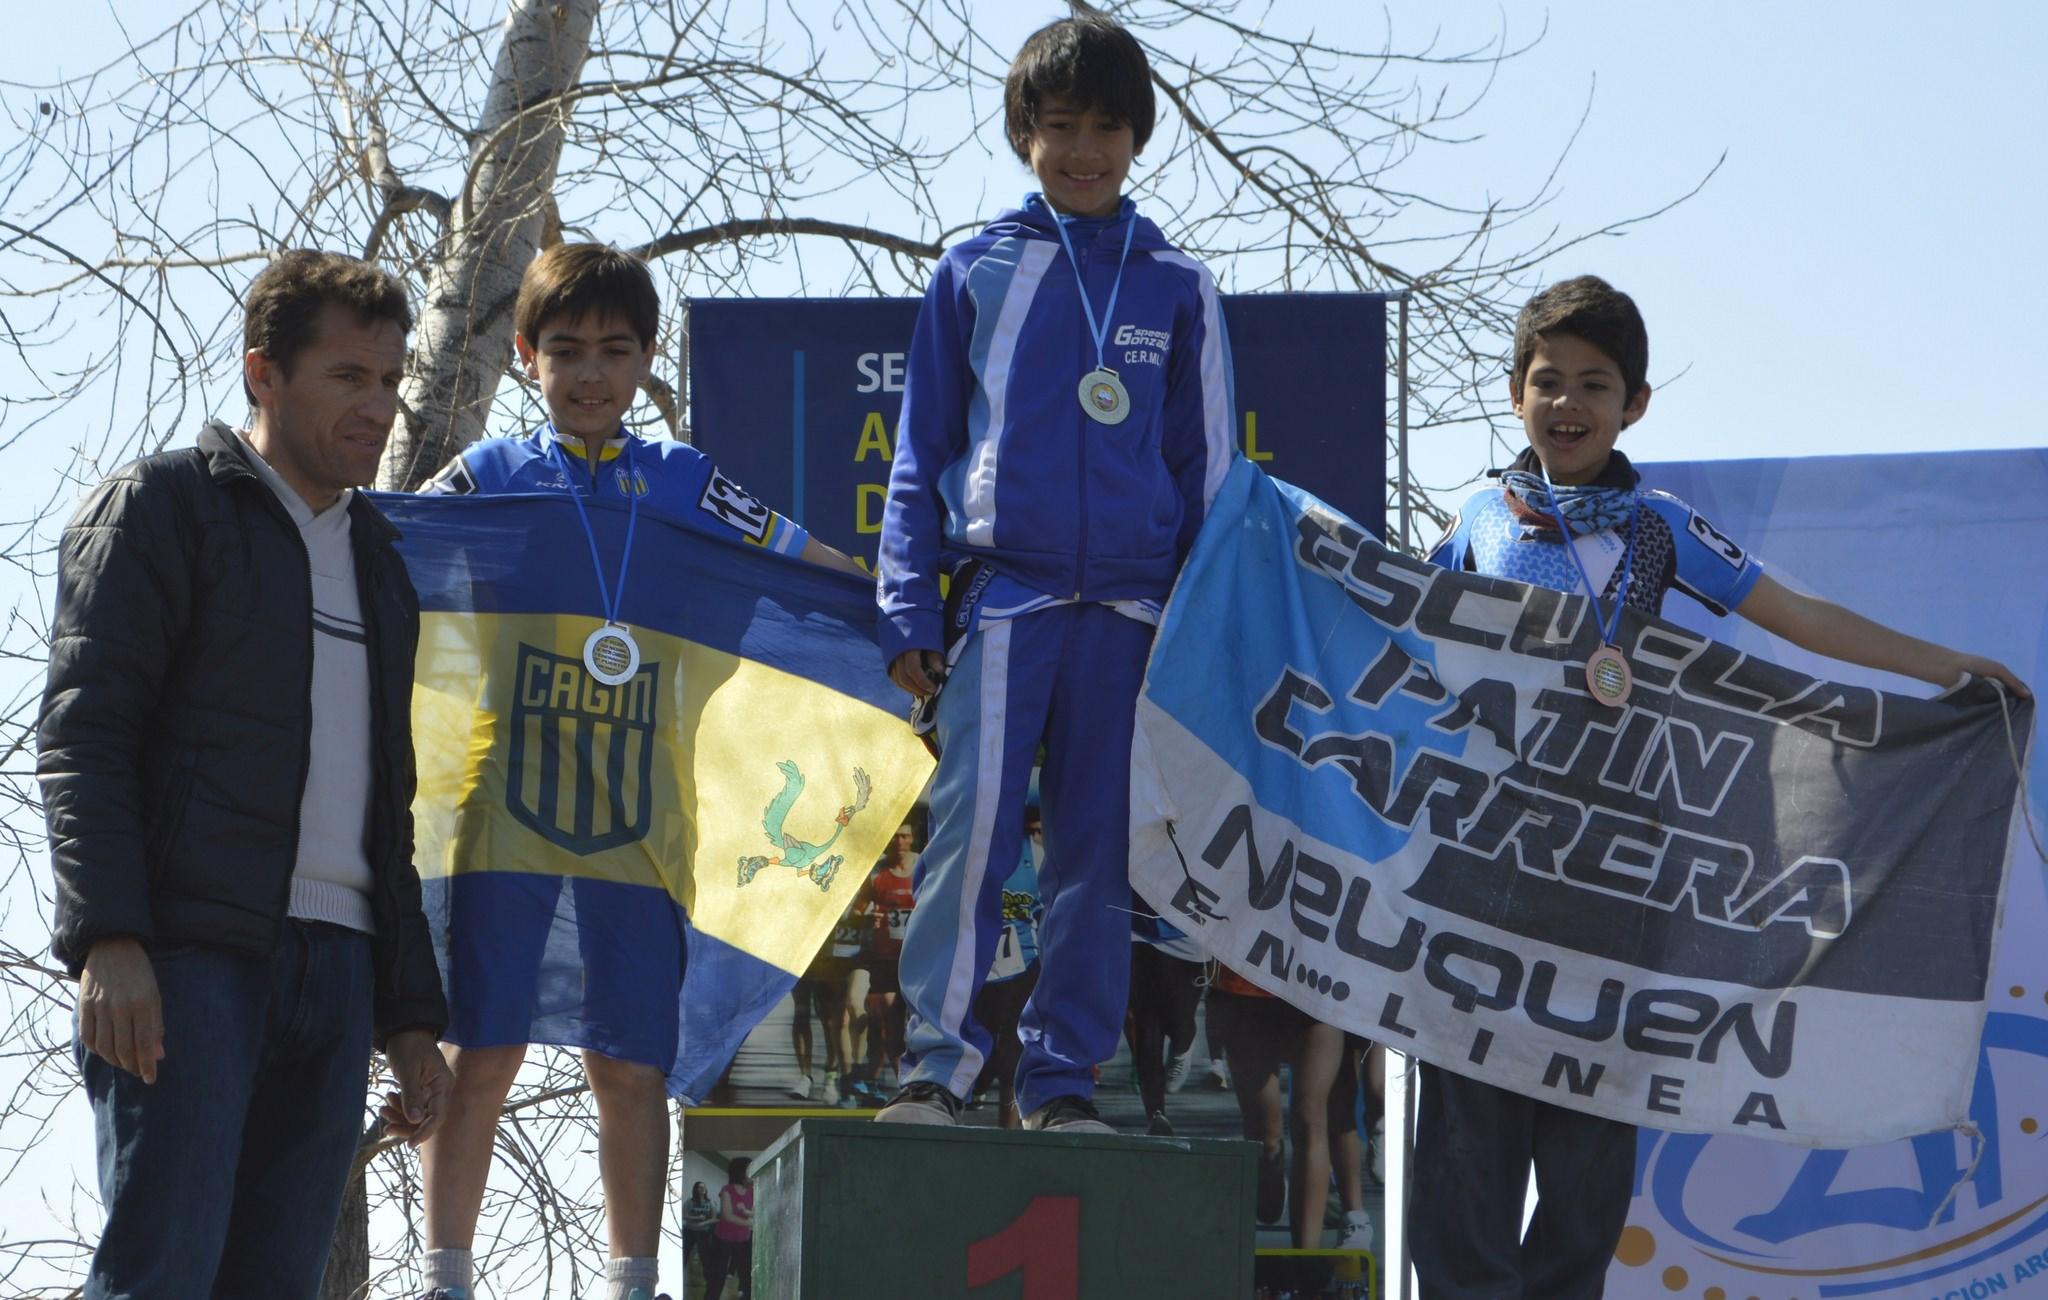 Uno de los podios en Pocito. (Foto: Municipalidad de Pocito)